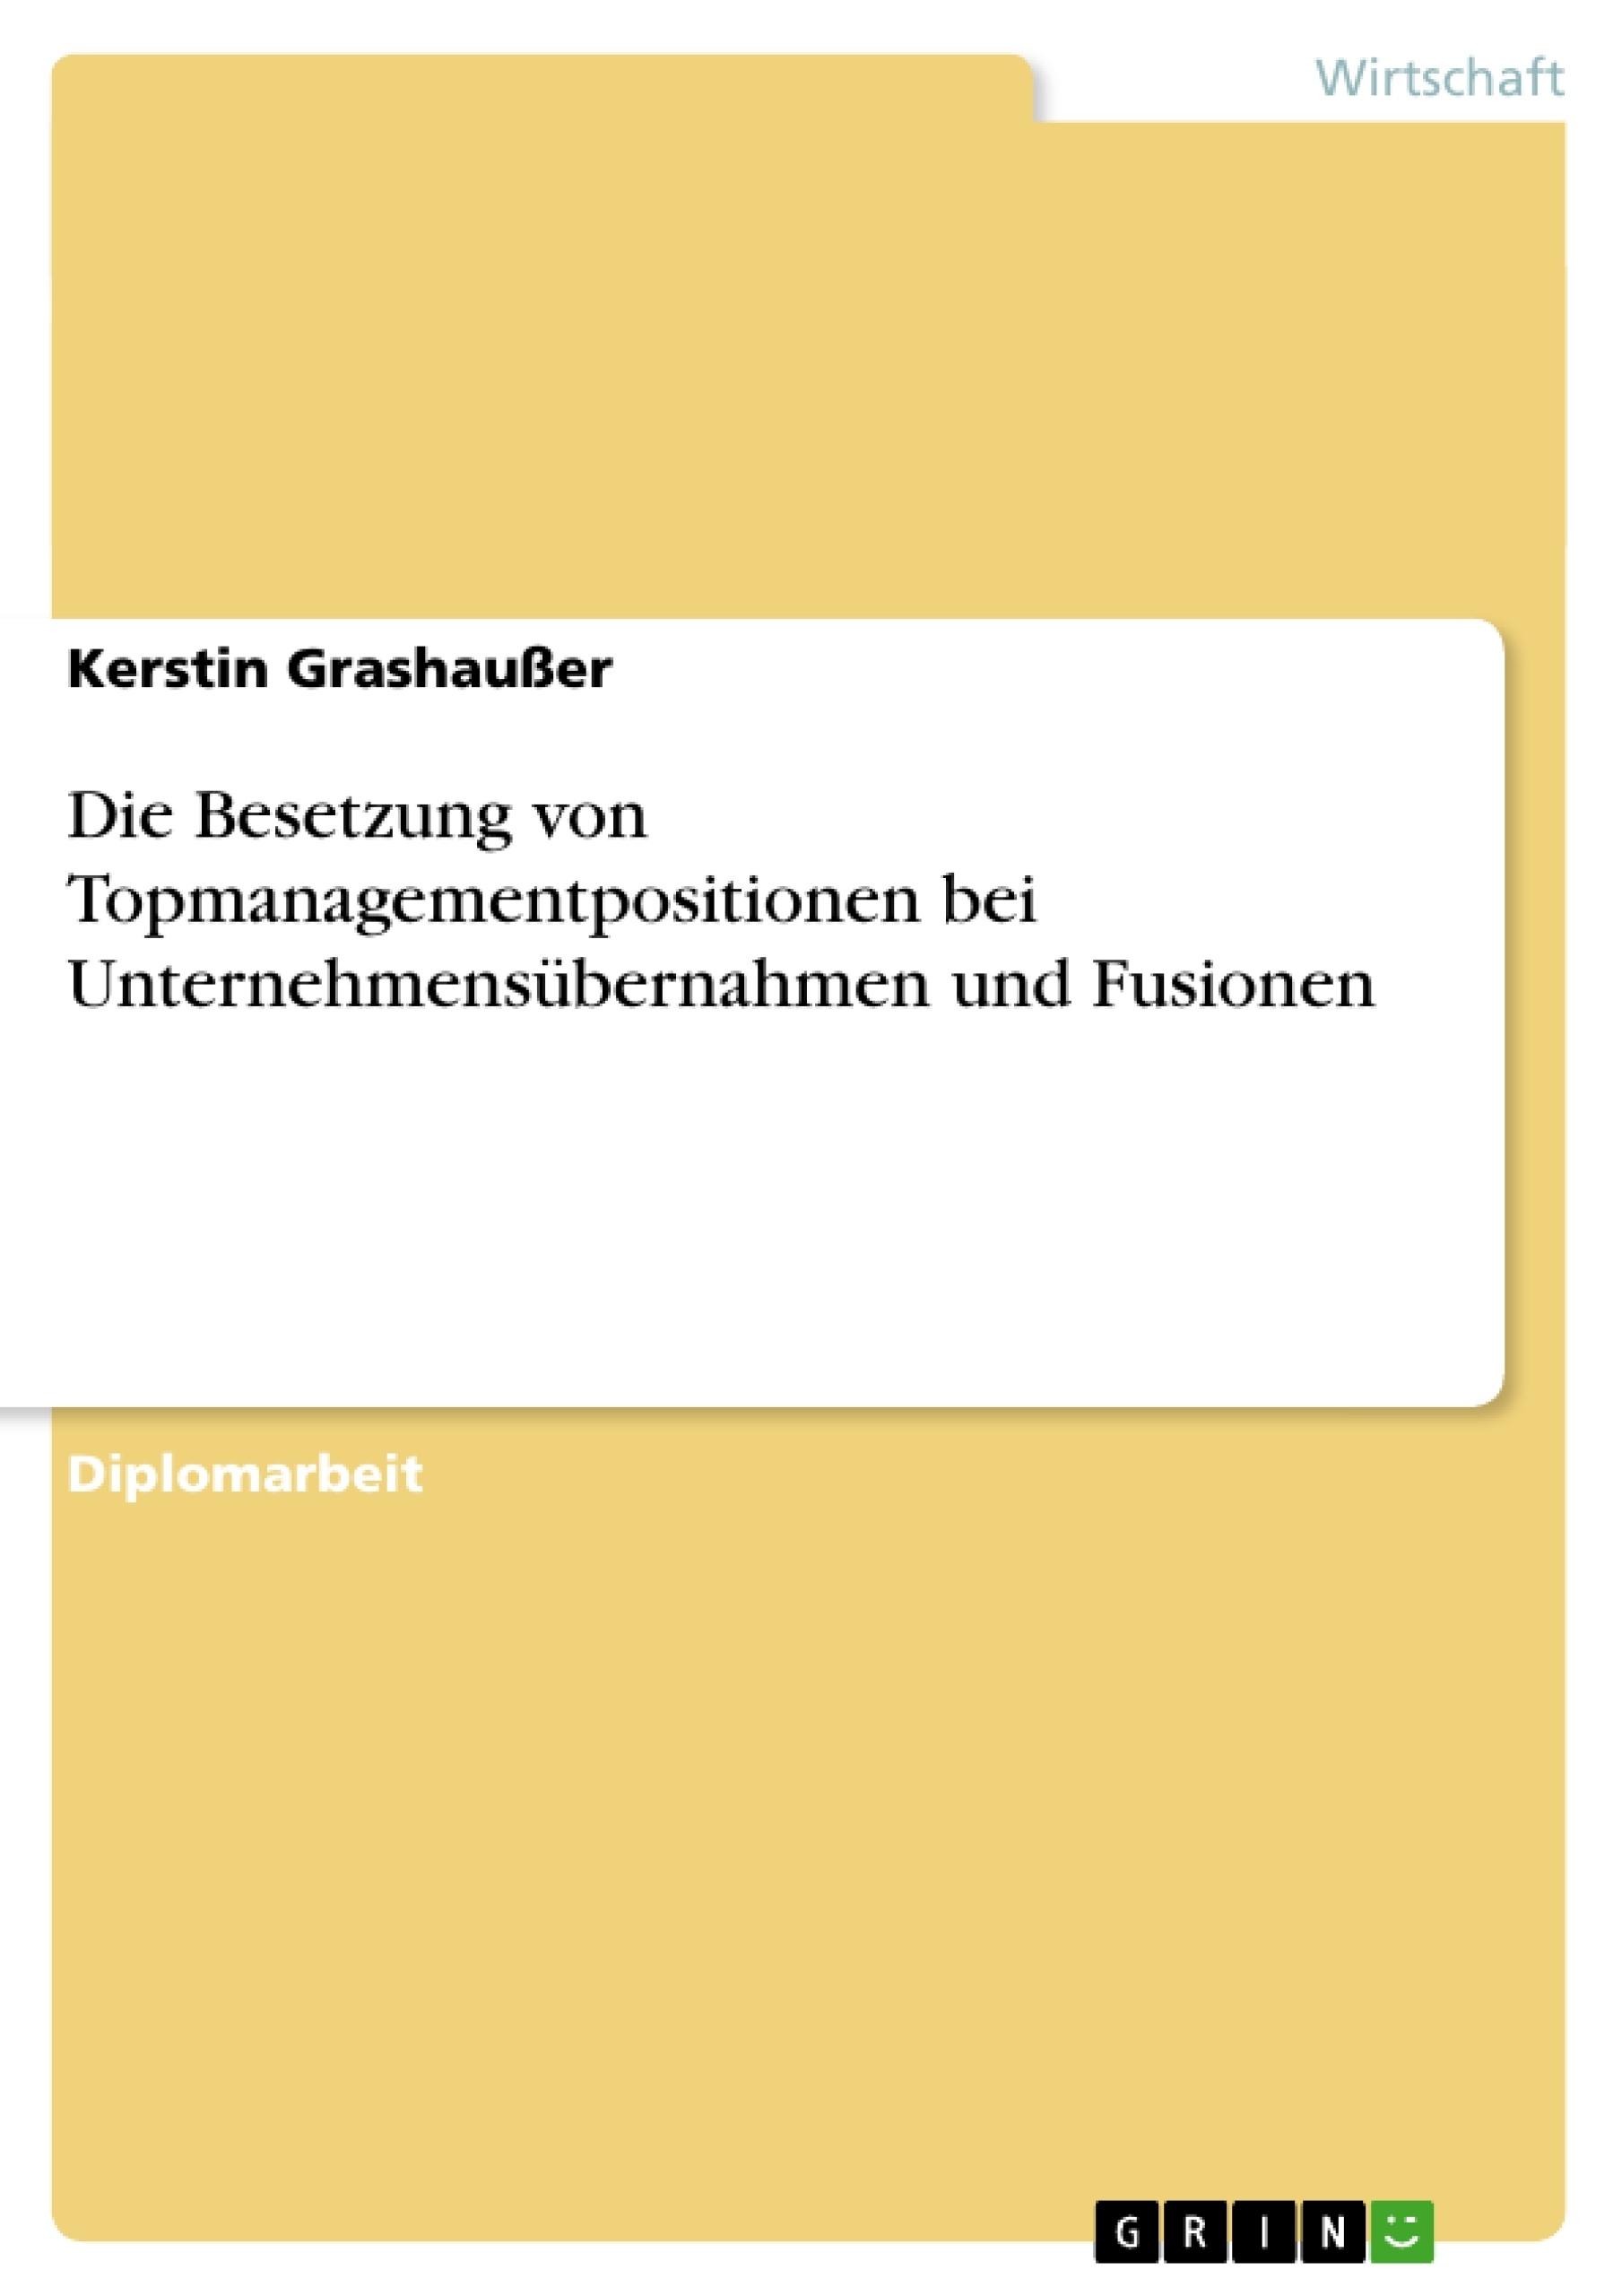 Titel: Die Besetzung von Topmanagementpositionen bei Unternehmensübernahmen und Fusionen